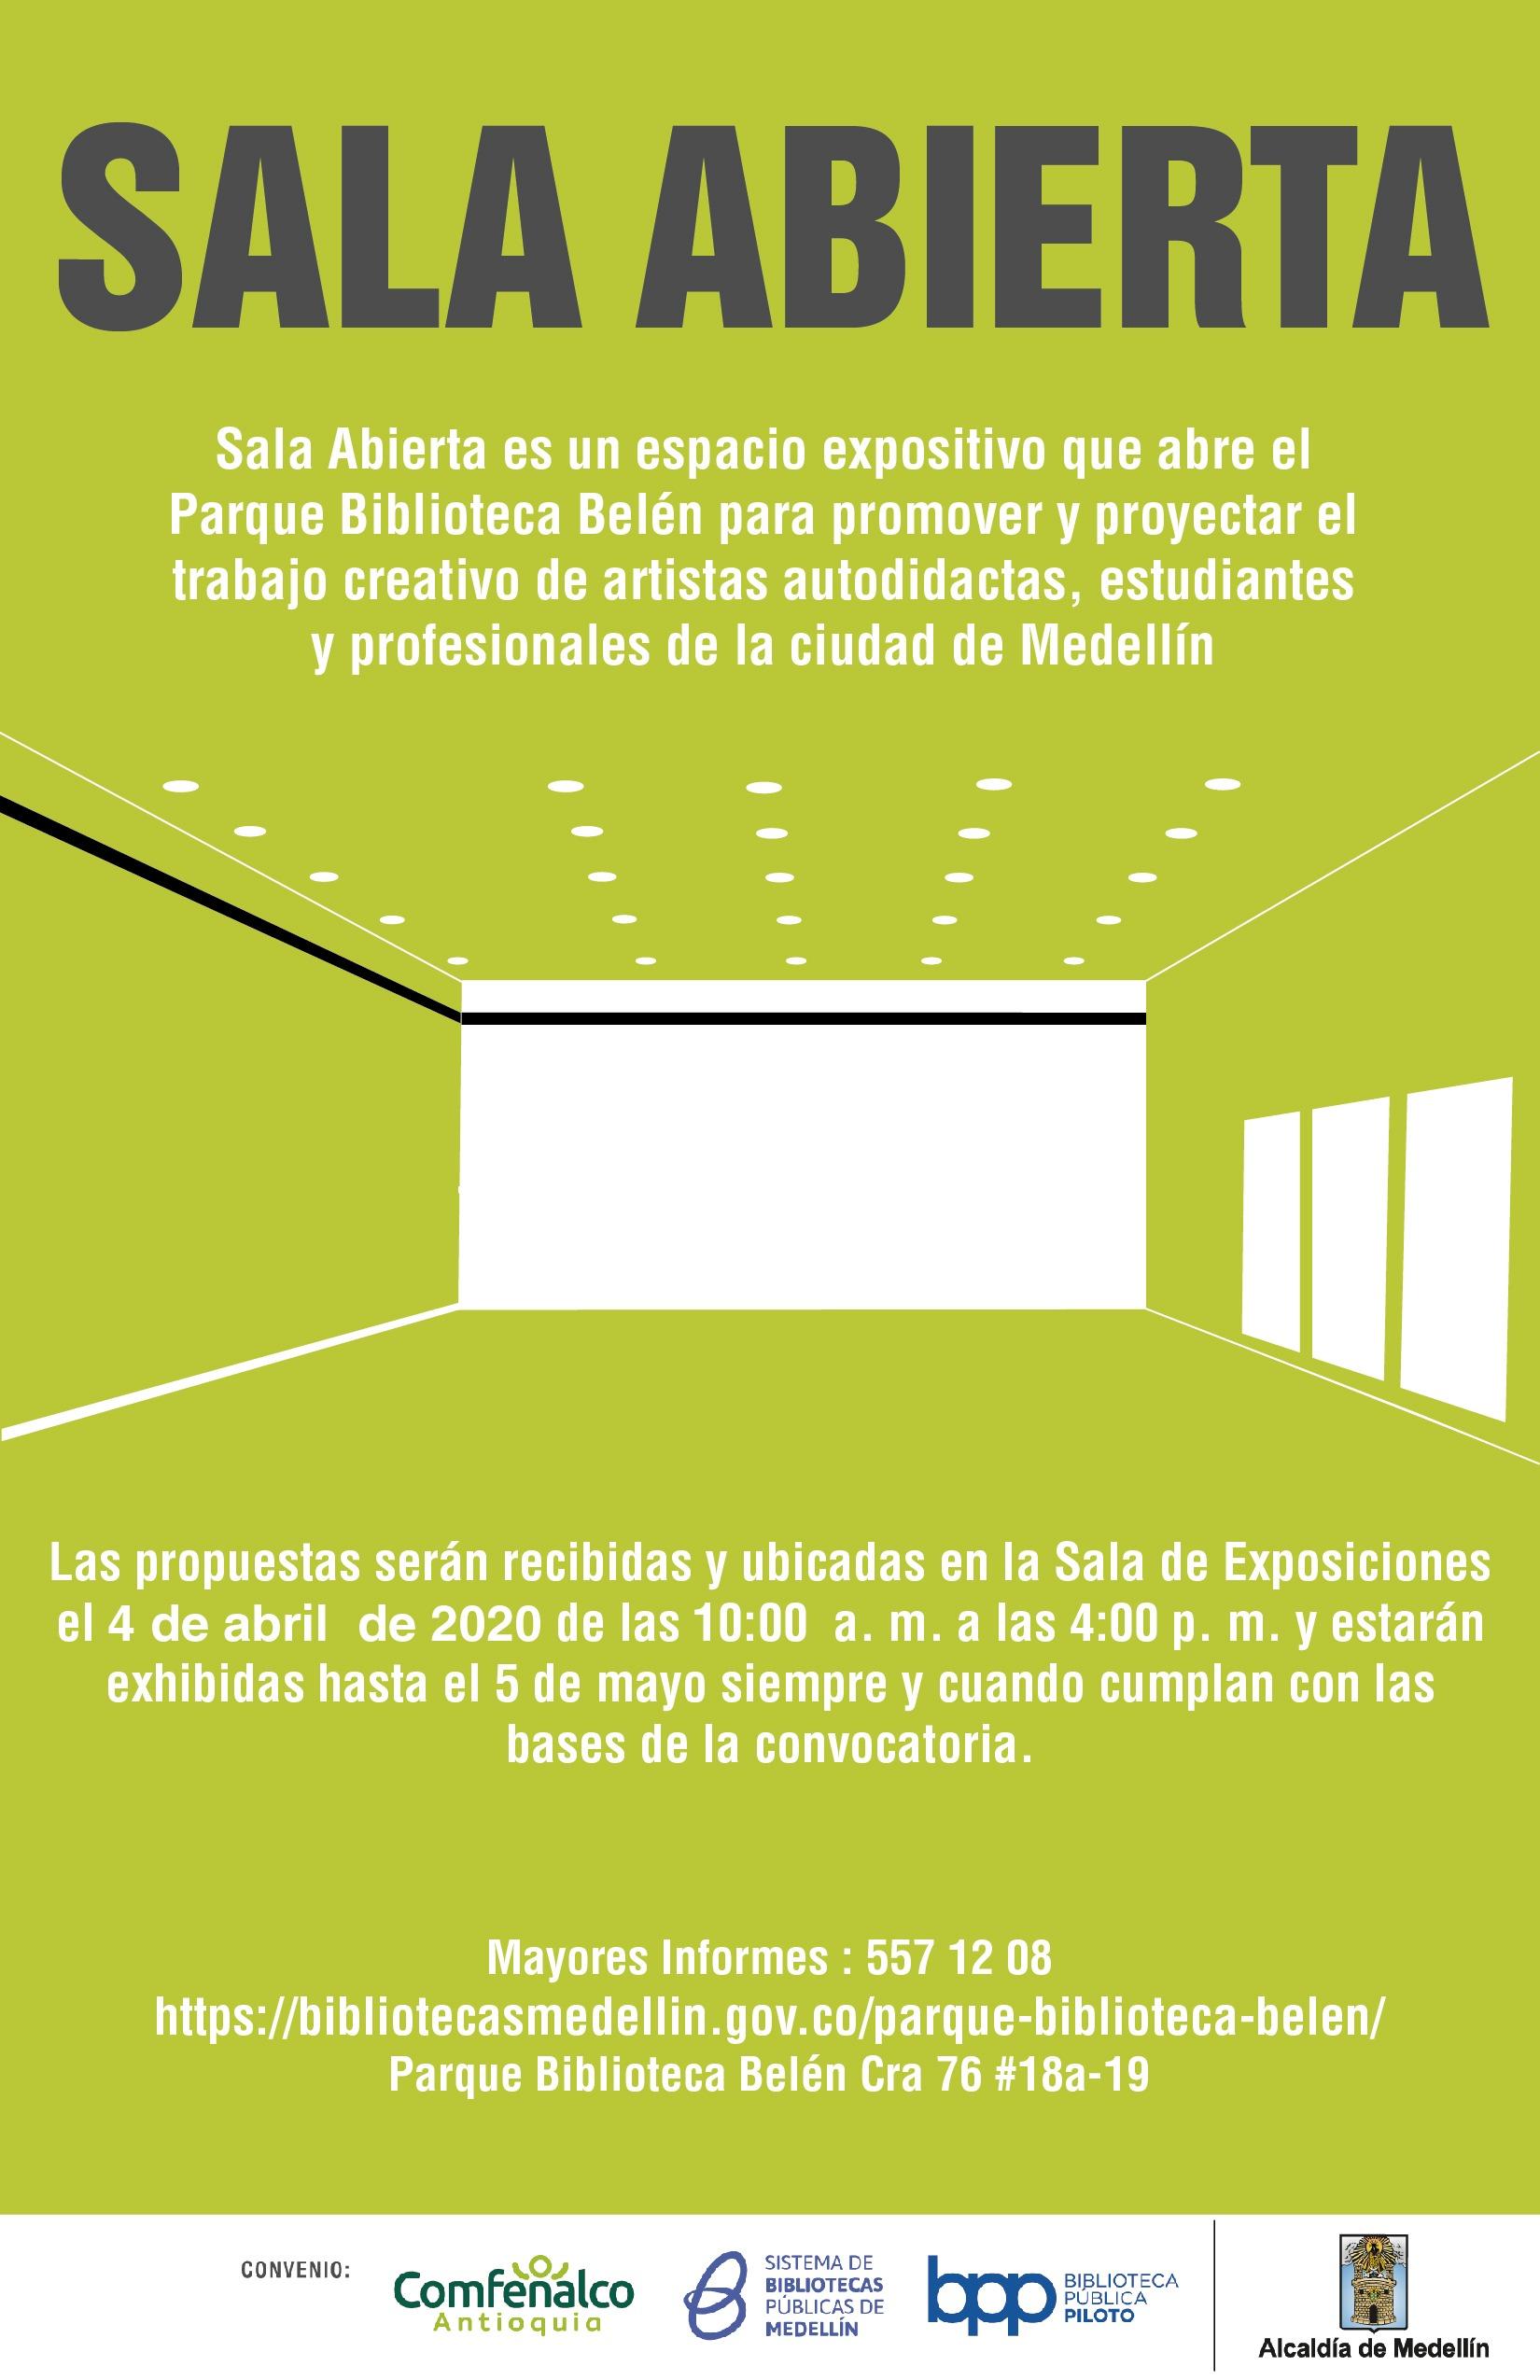 Sala Abierta Parque Biblioteca Belén 2020